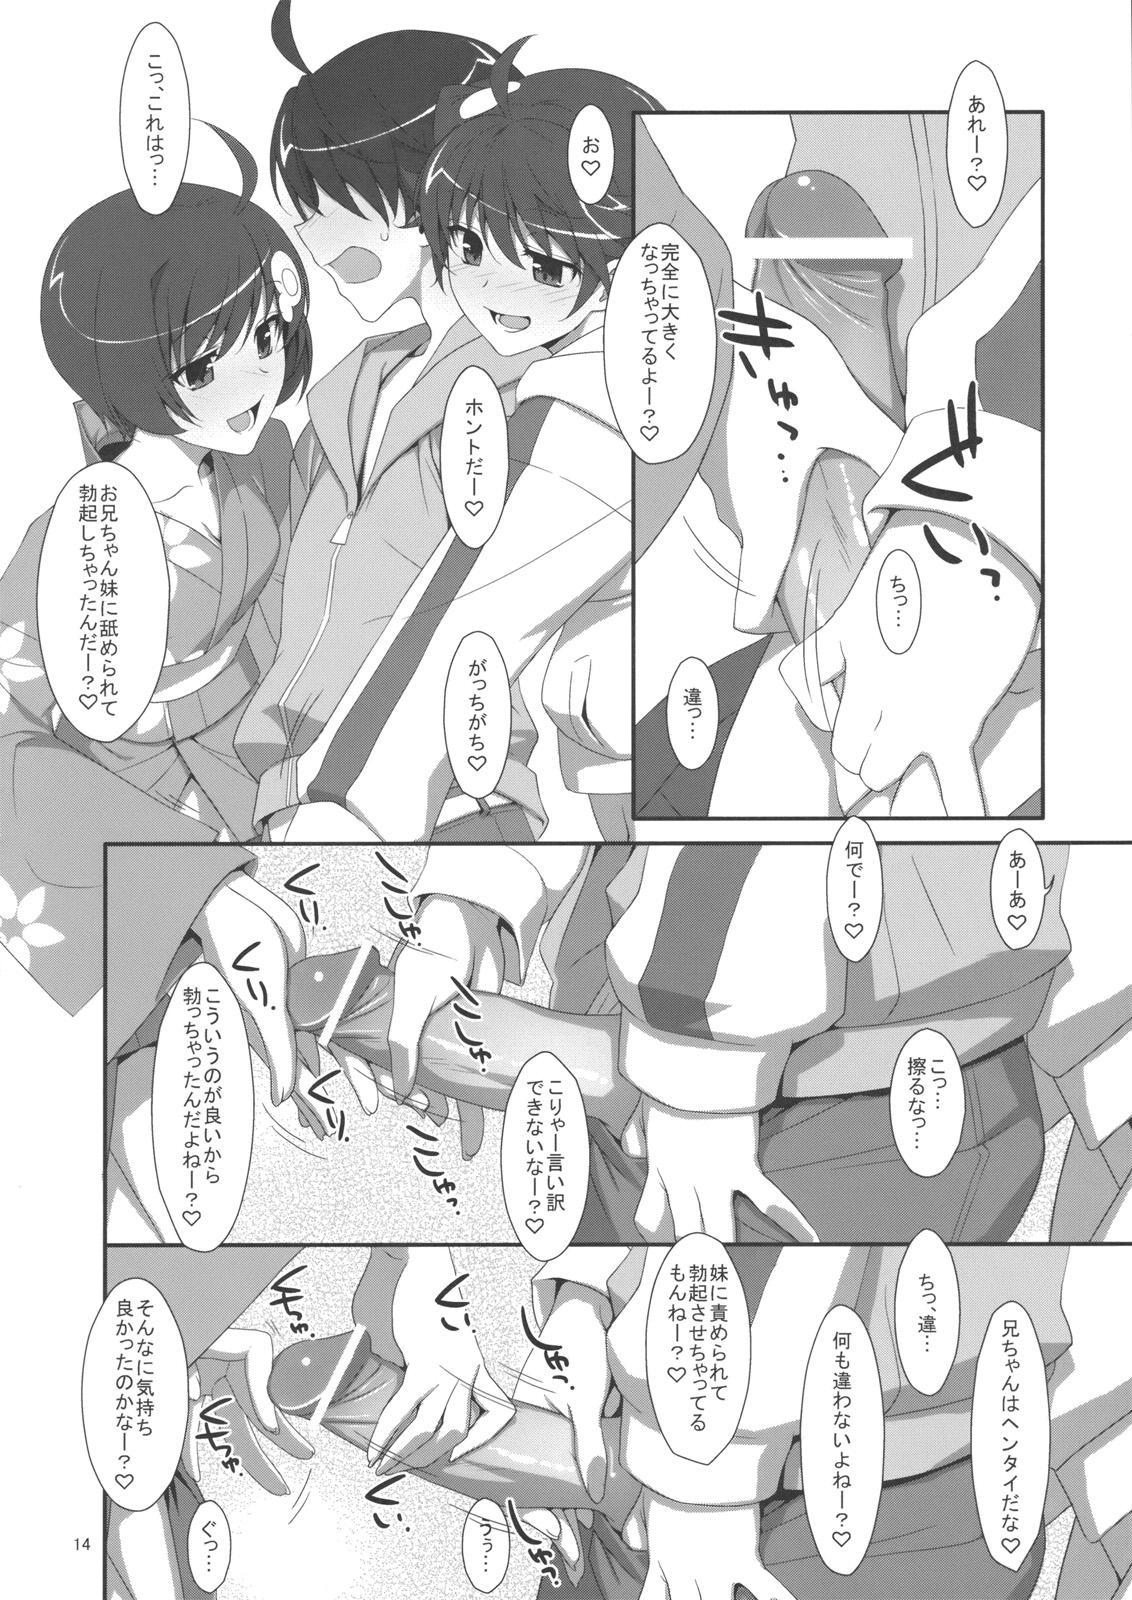 Oniichan wa Imouto ni Yokujou Shitari Shinaiyone? 12